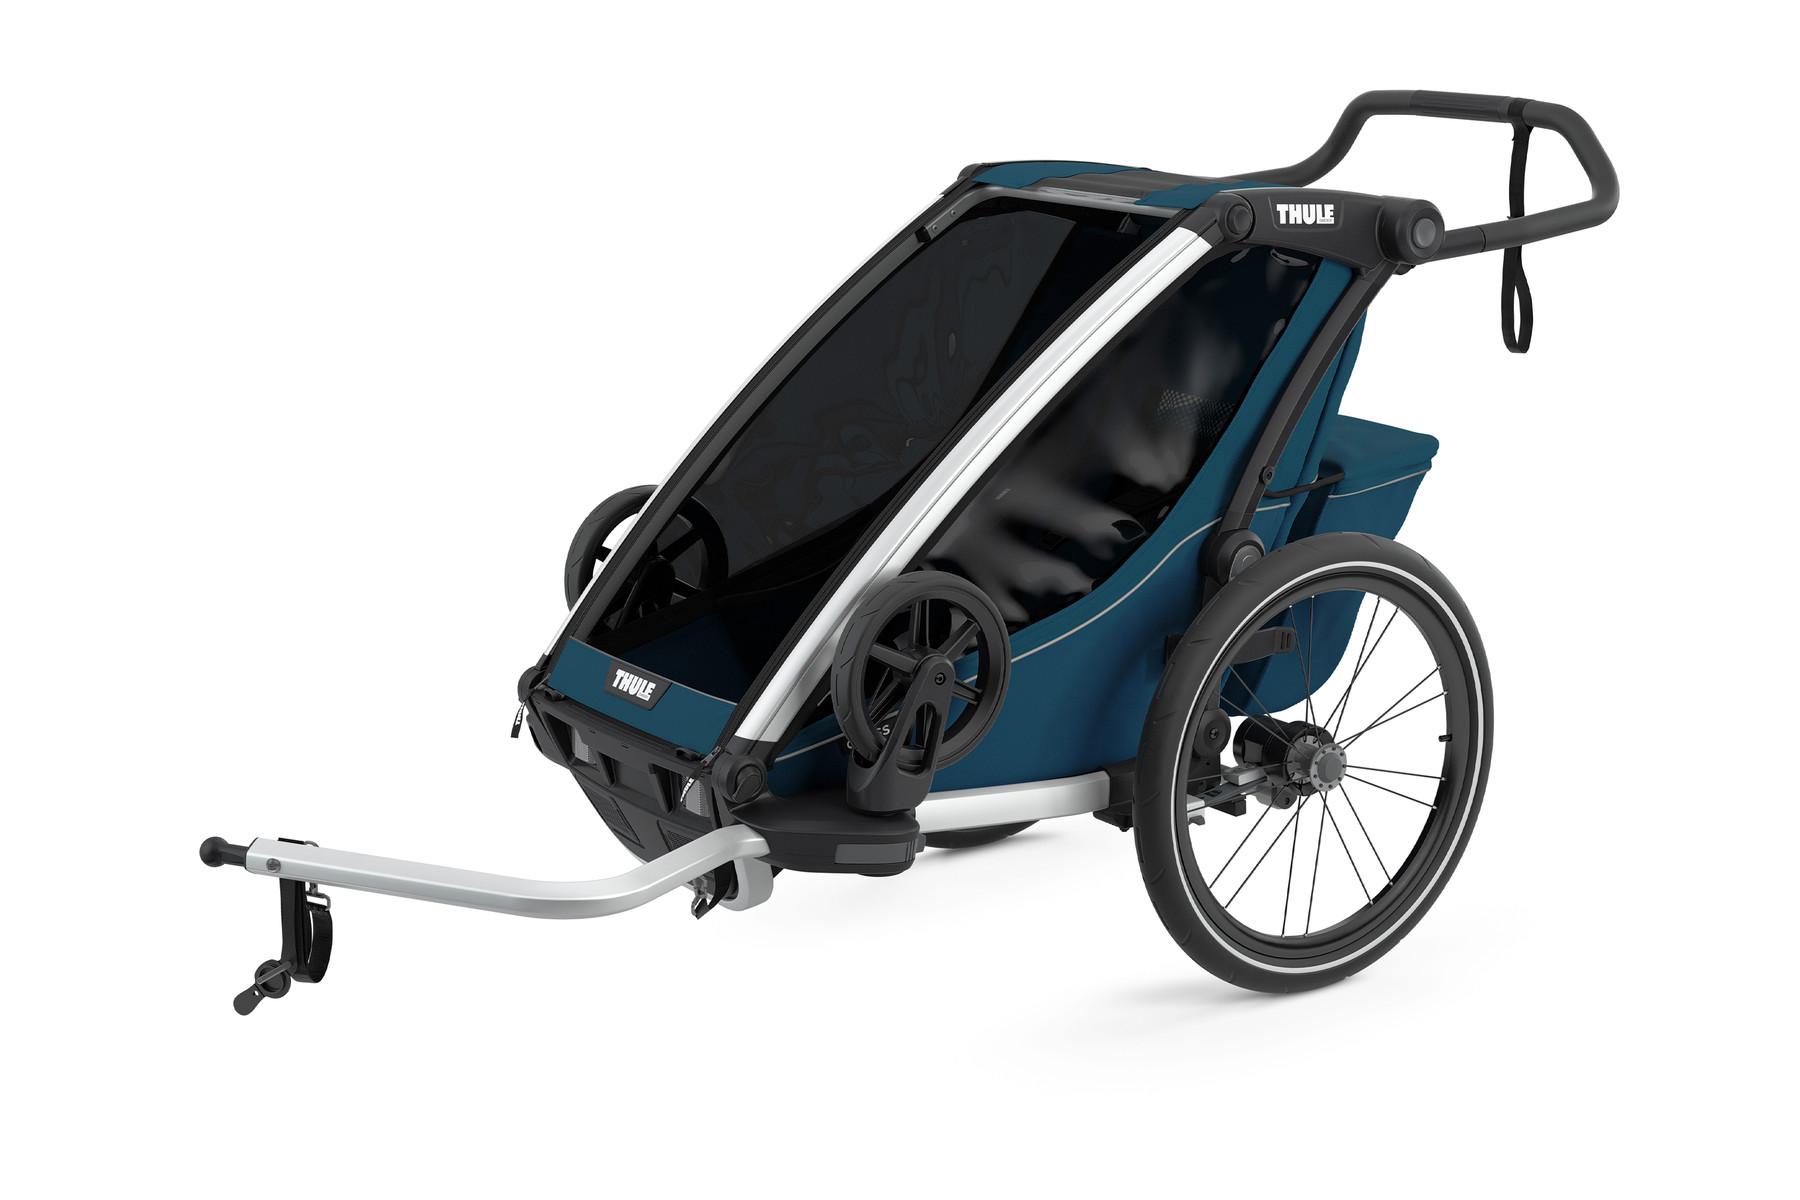 Thule Chariot Cross 1 majolica-blue 2021